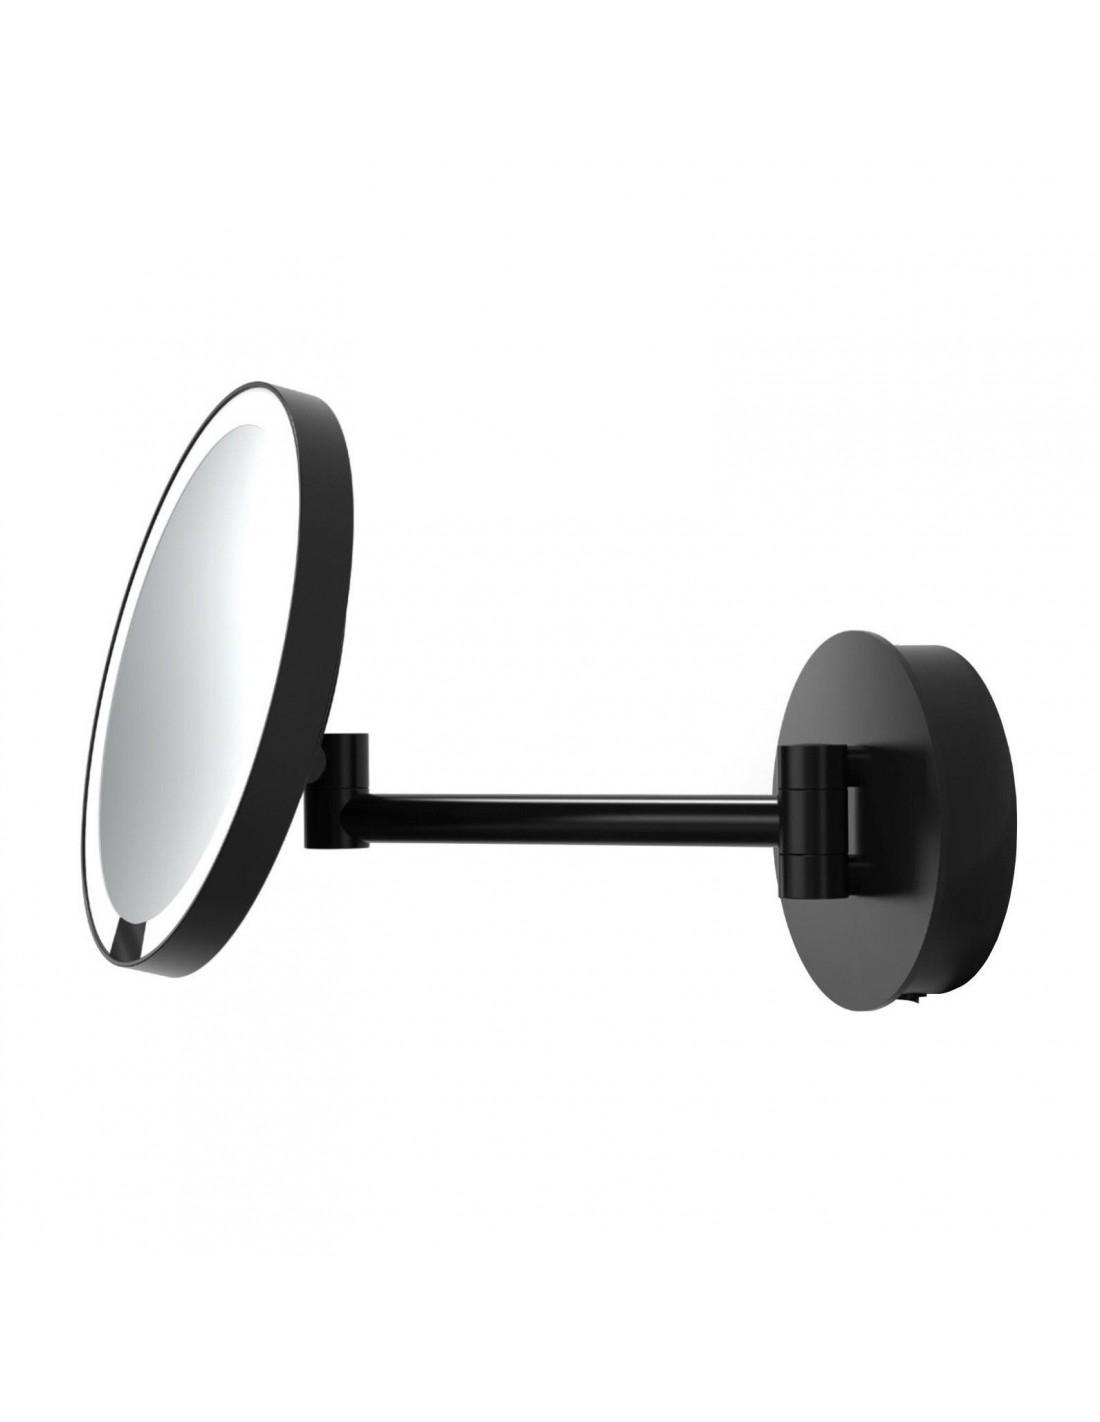 Miroir rond grossissant éclairant à suspendre motion sensor JUST LOOK WR noir mat - Décor Walther - Valente Design